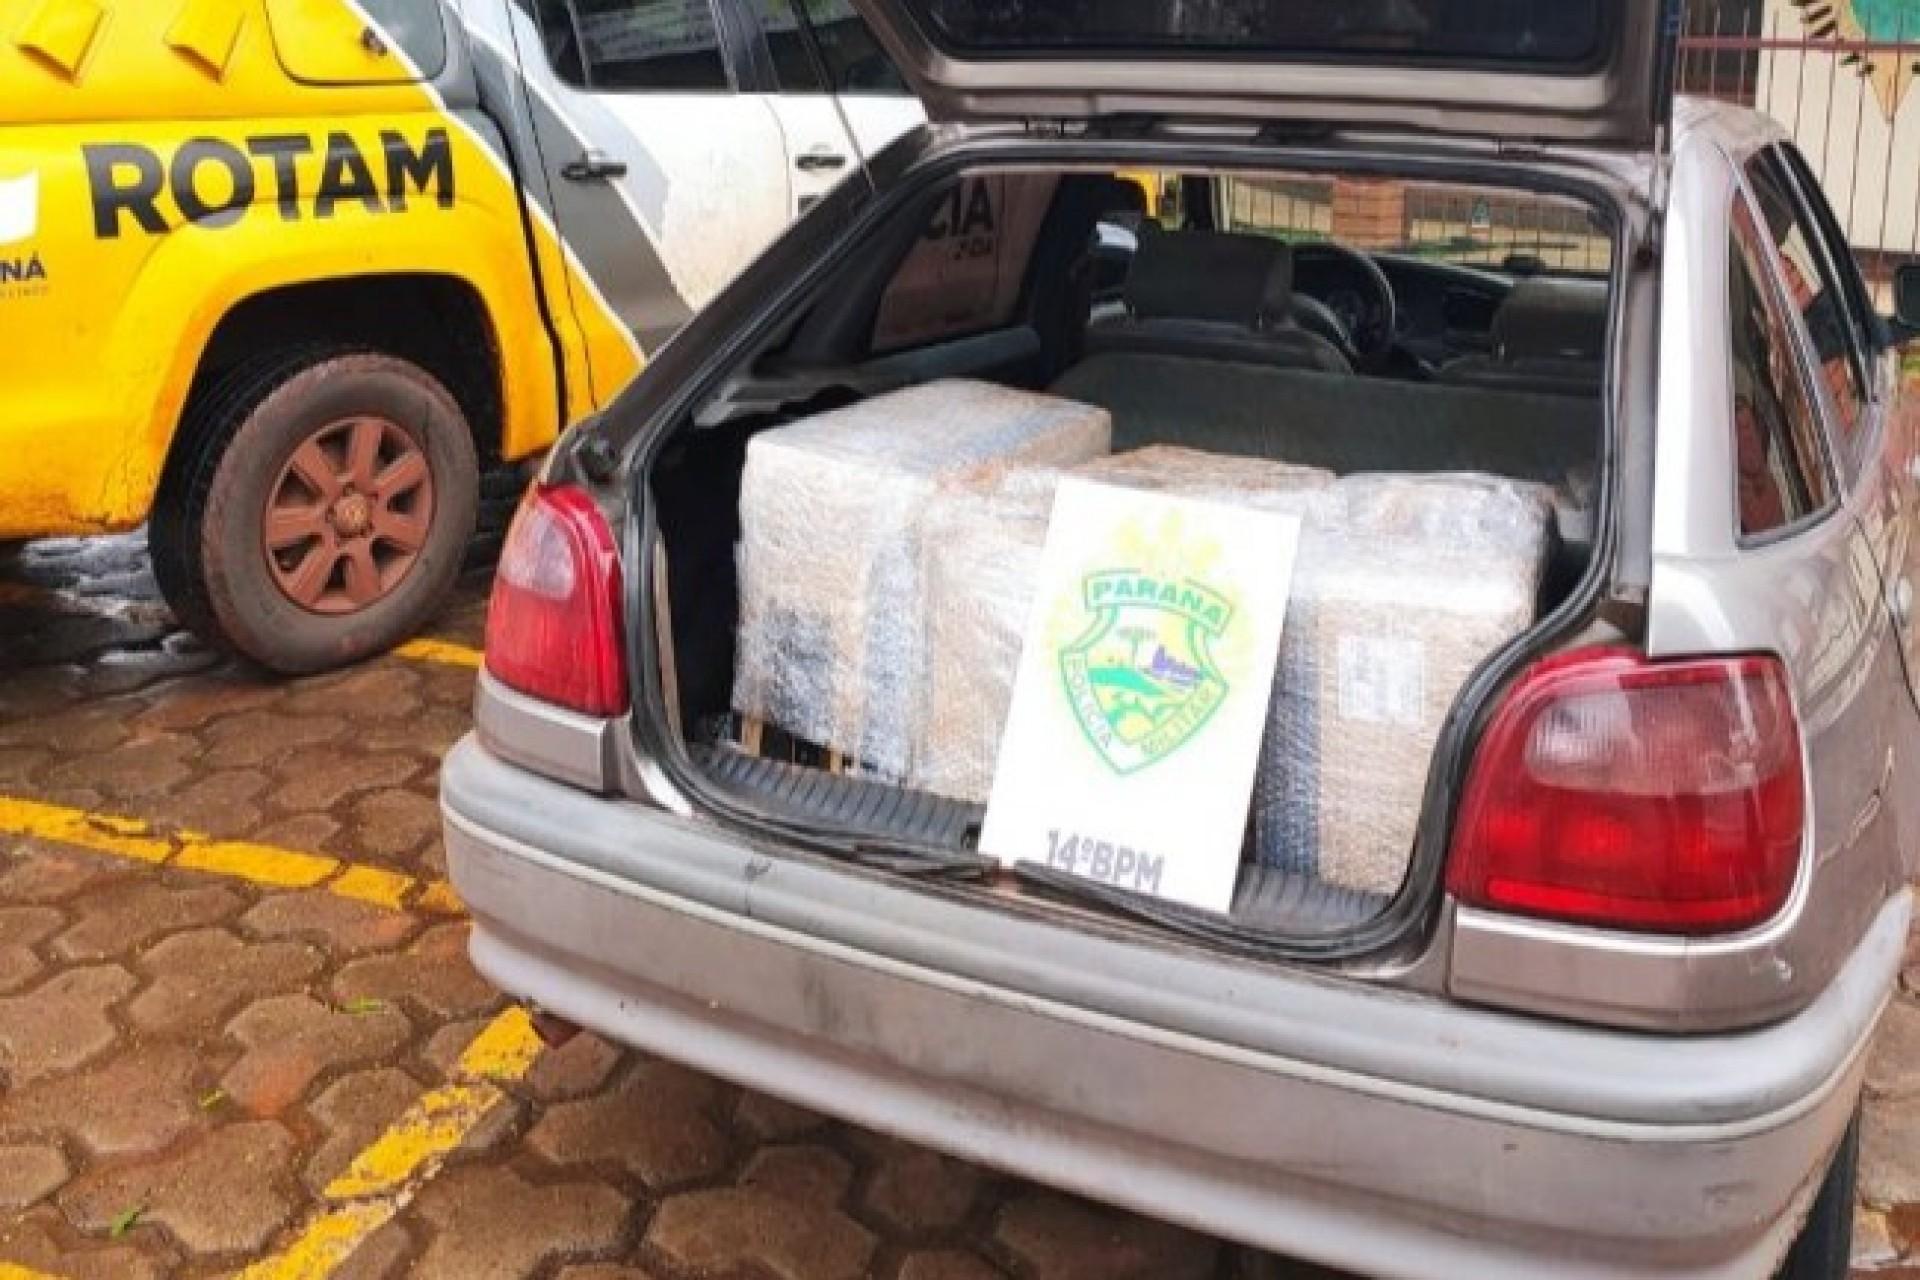 Contrabando é apreendido pela equipe da ROTAM em Itaipulândia